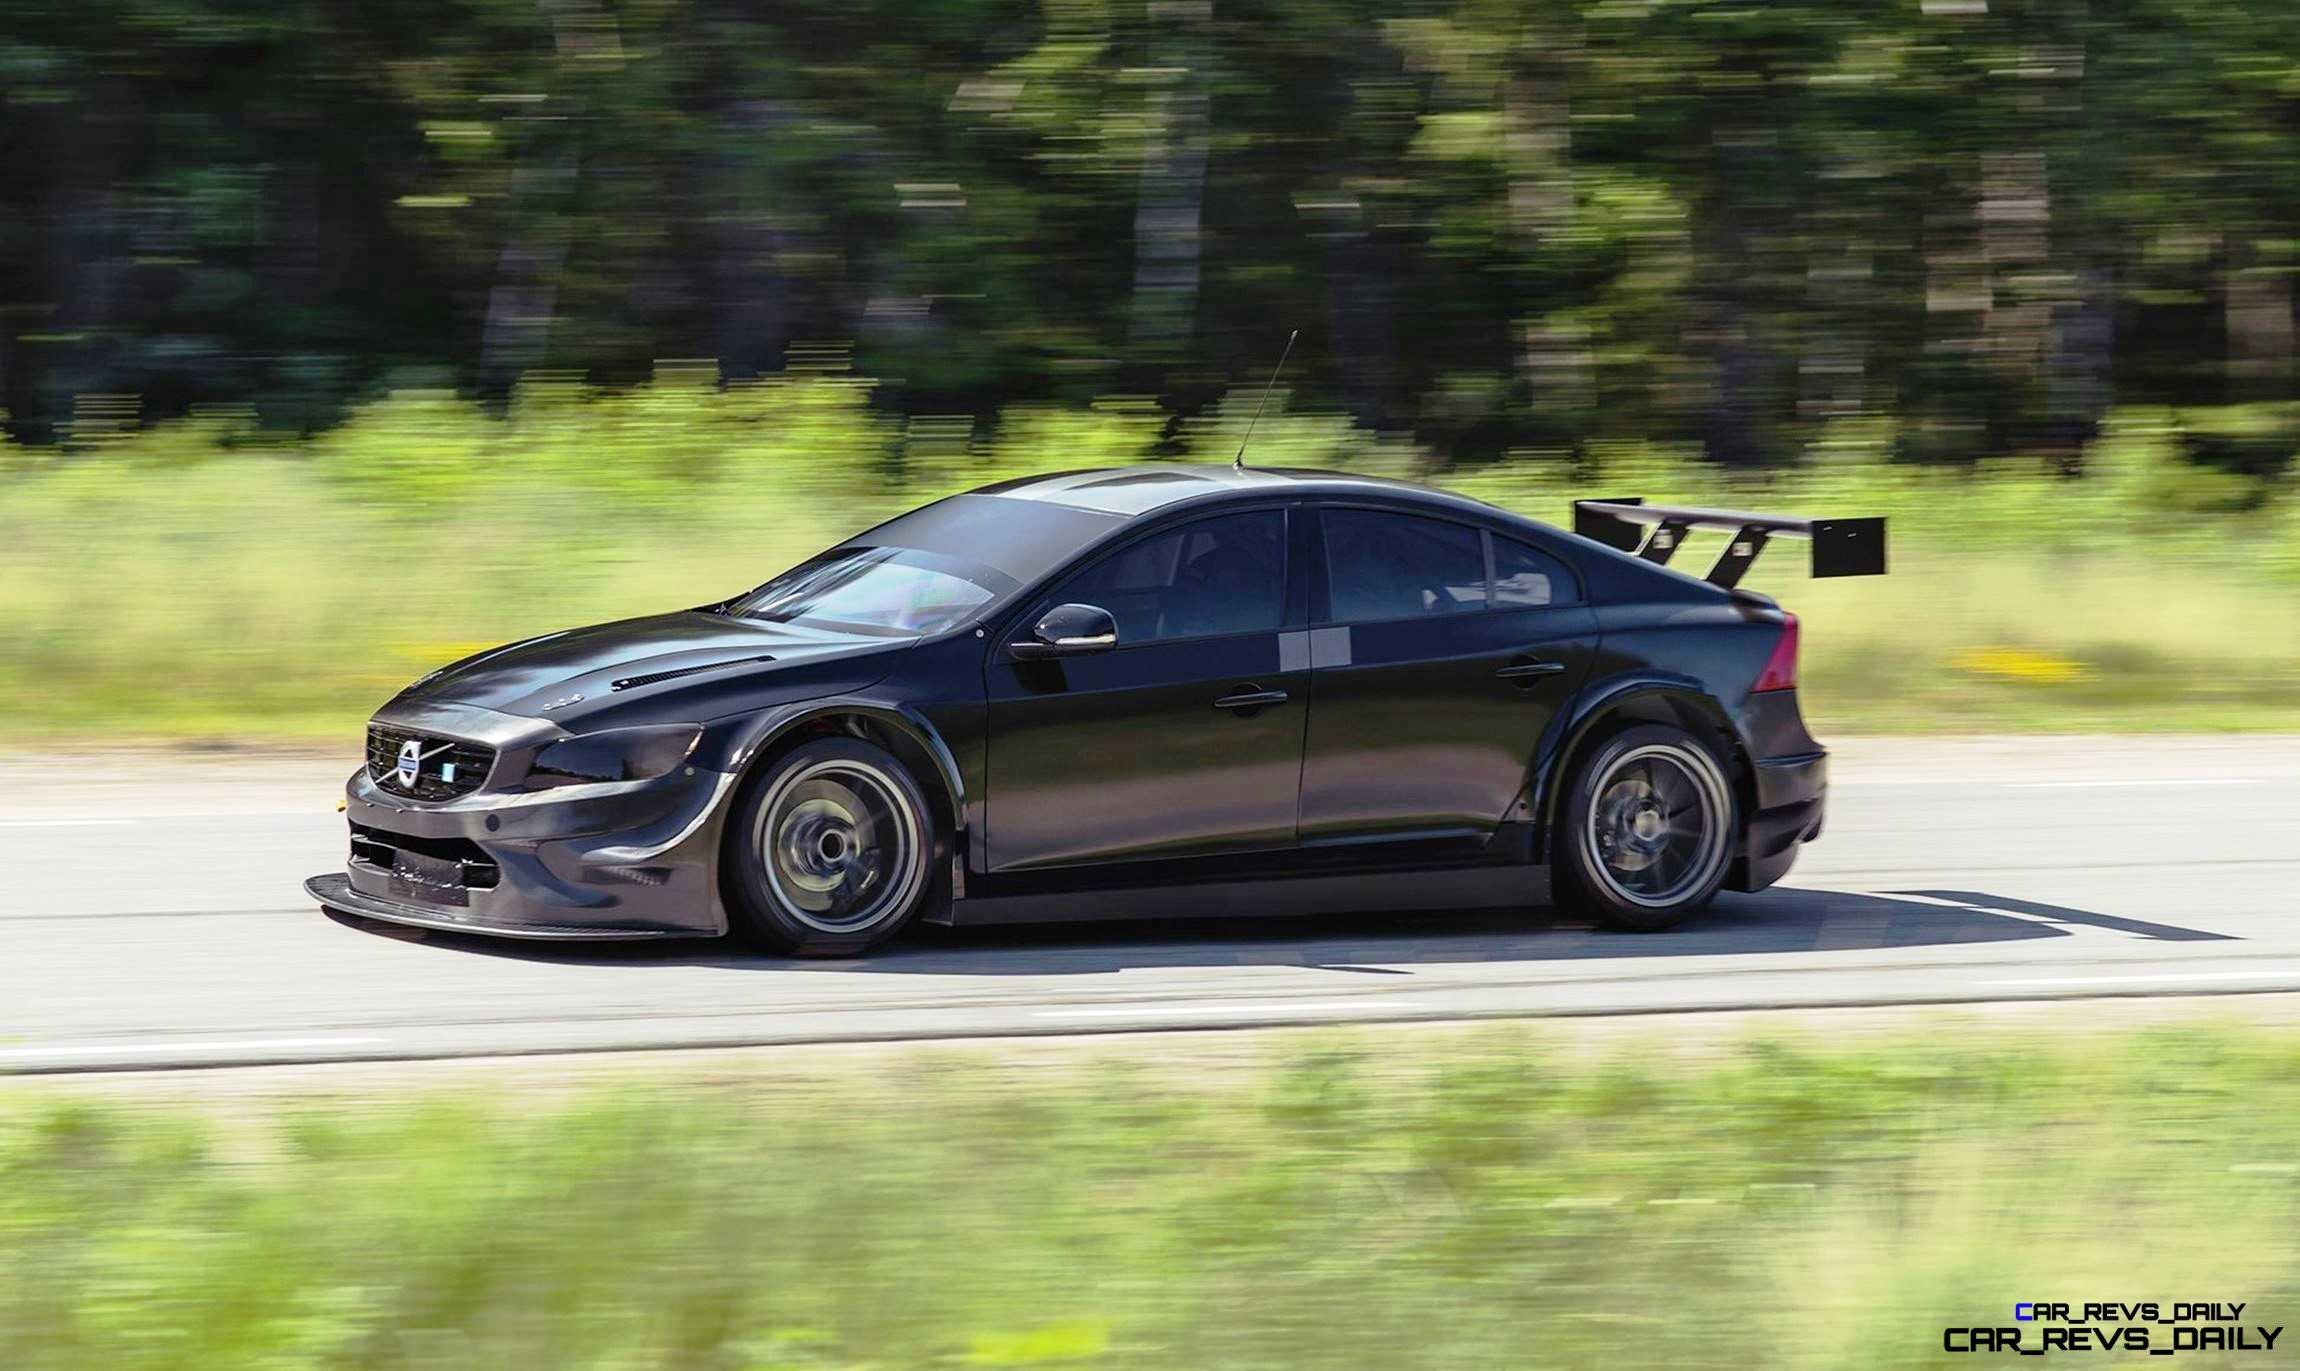 attachment polestar hatches comparison comparisons volvo test autos hot luxury car jy ca